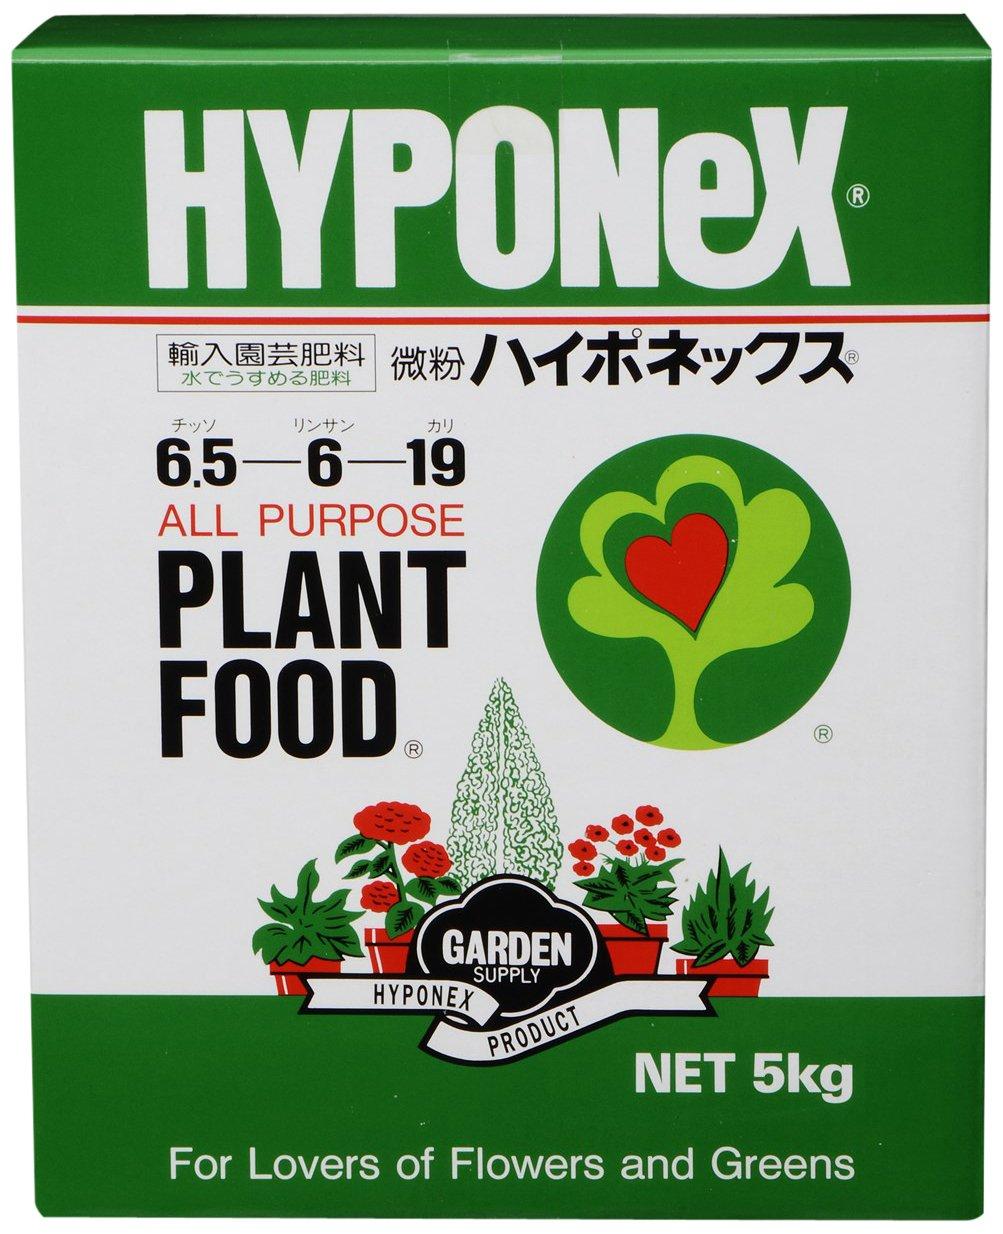 ハイポネックス 微粉ハイポネックス 5kg B00JLWOYL4